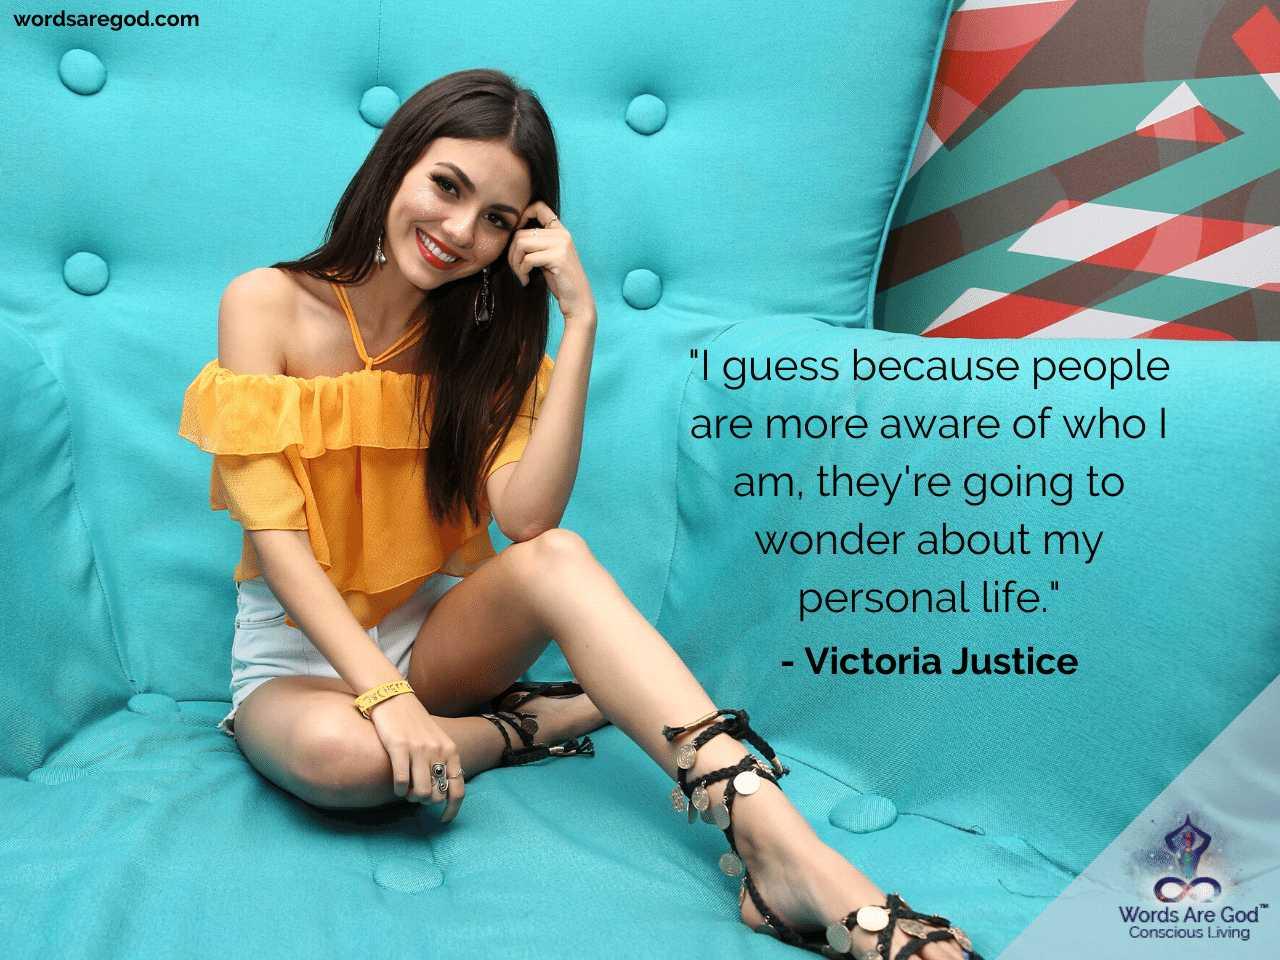 Victoria Justice Life Quotes by Victoria Justice